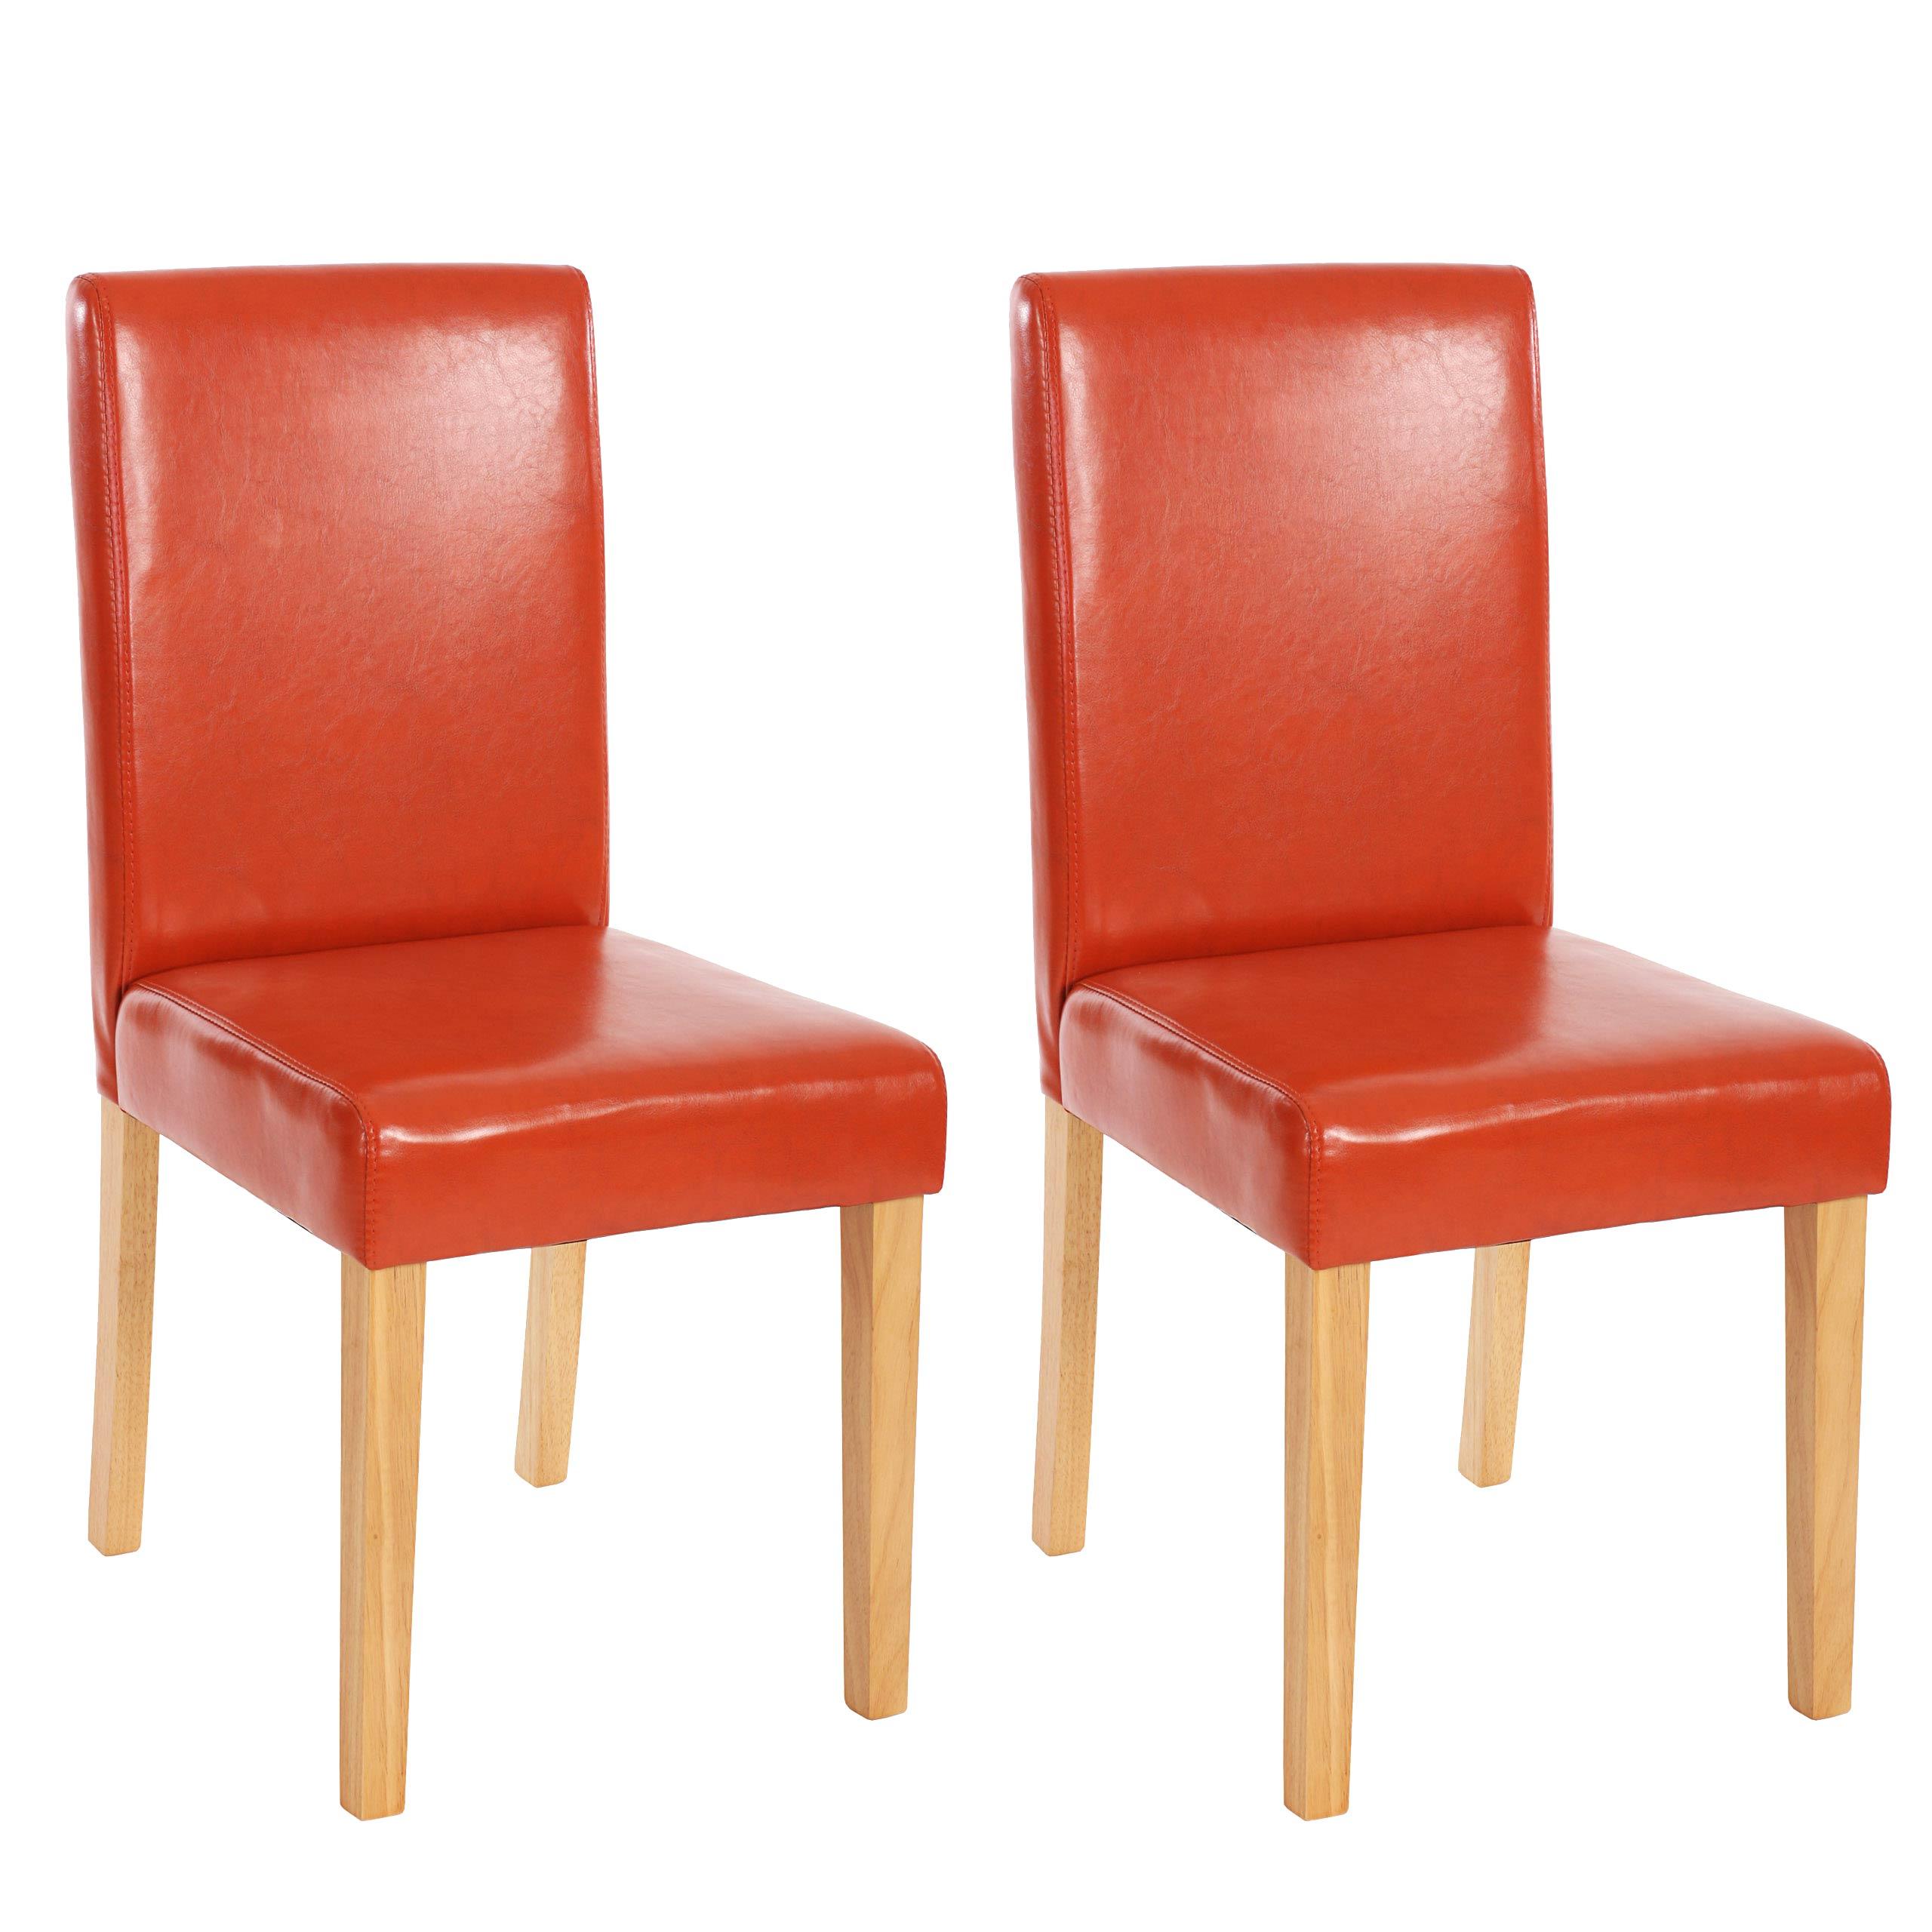 lot de 2 chaises de s jour littau simili cuir pieds clairs fonc s coloris div ebay. Black Bedroom Furniture Sets. Home Design Ideas